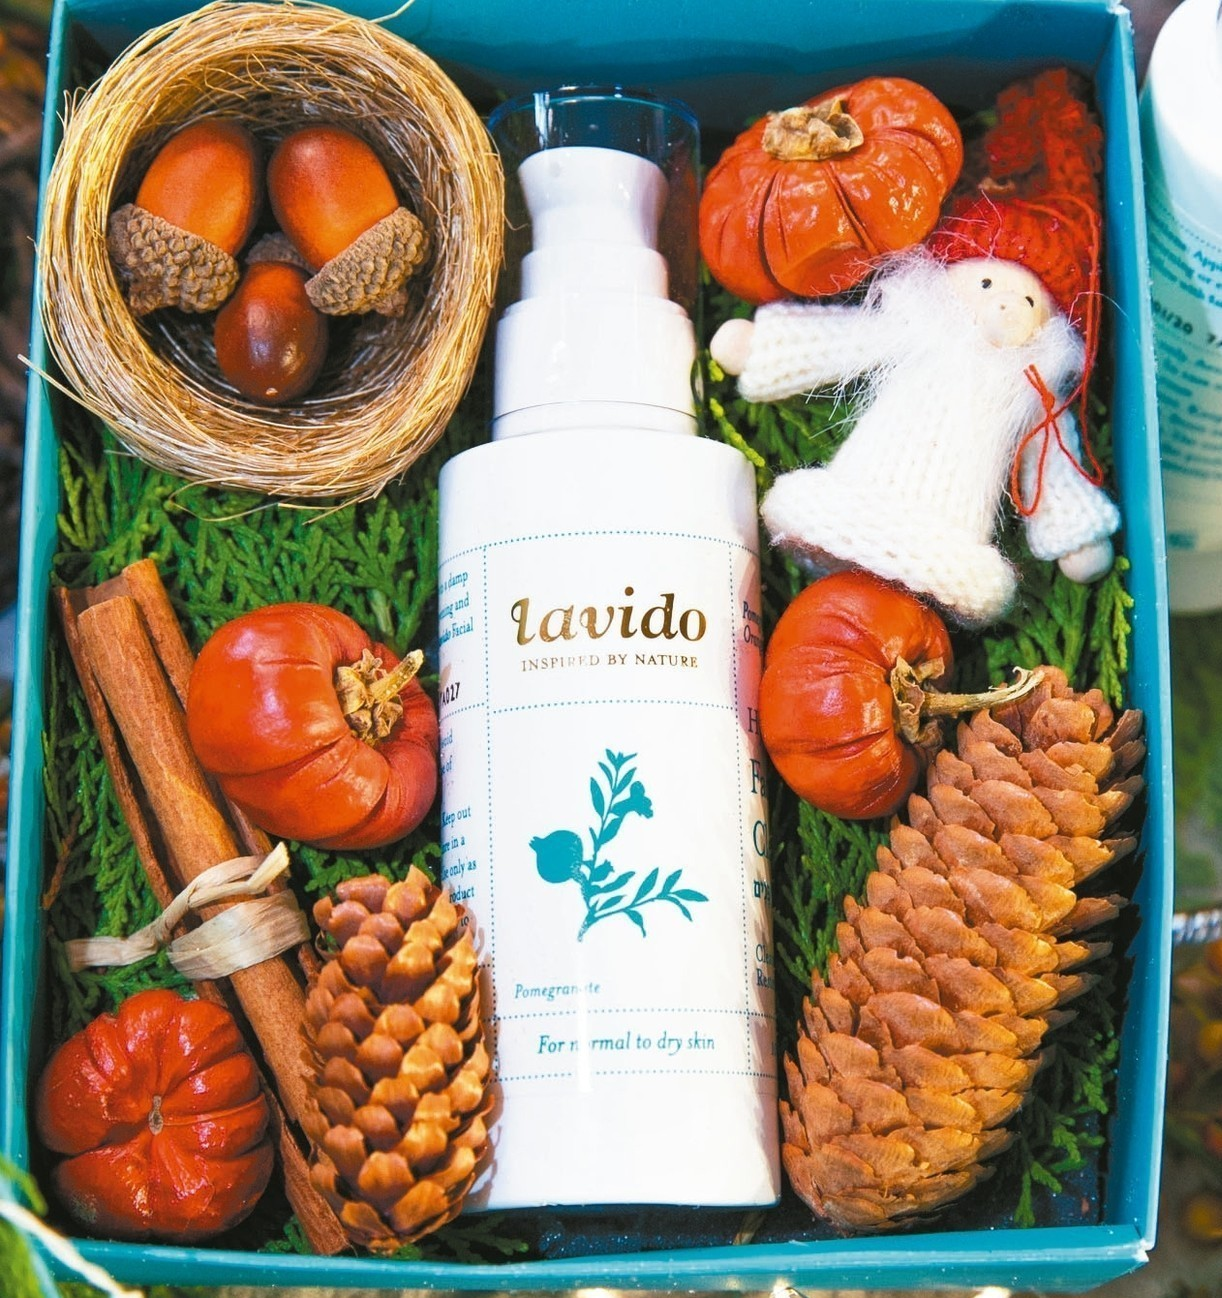 以色列國民保養品牌lavido拉維朵,今年冬季首次推出了「綠色環保聖誕限量禮盒」...